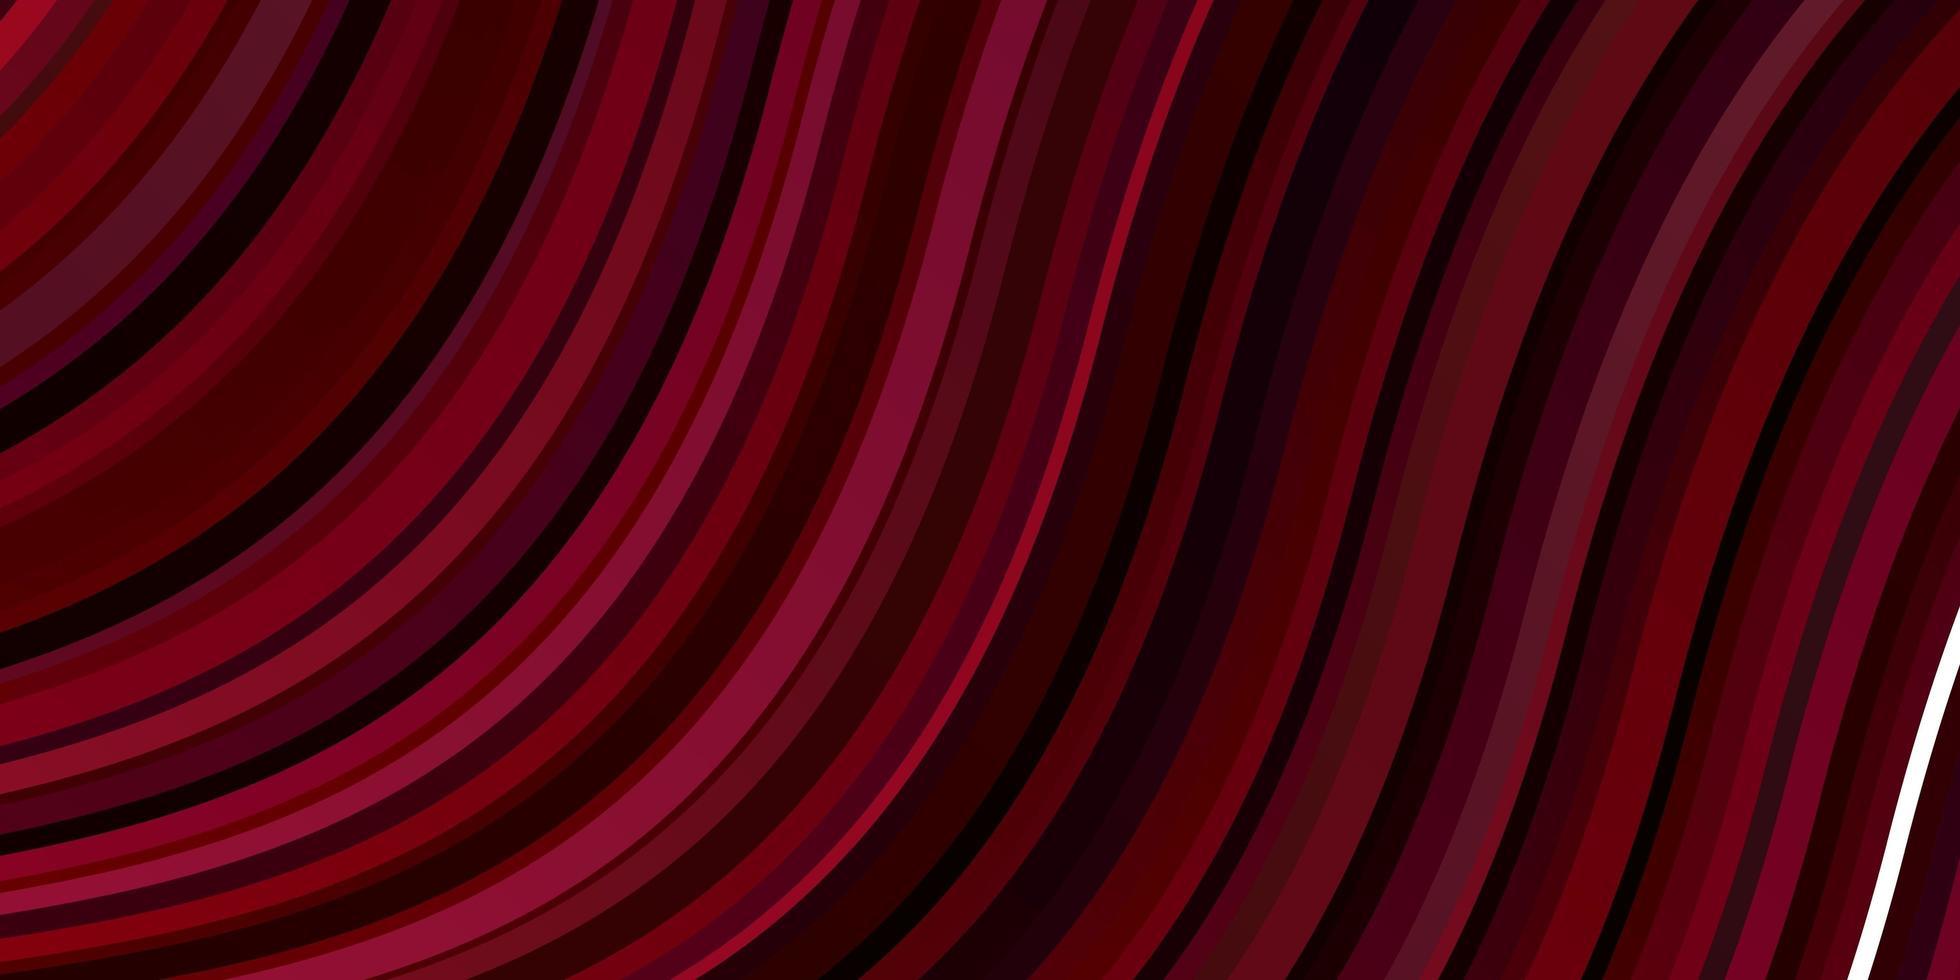 fundo vector rosa claro, vermelho com linhas dobradas.